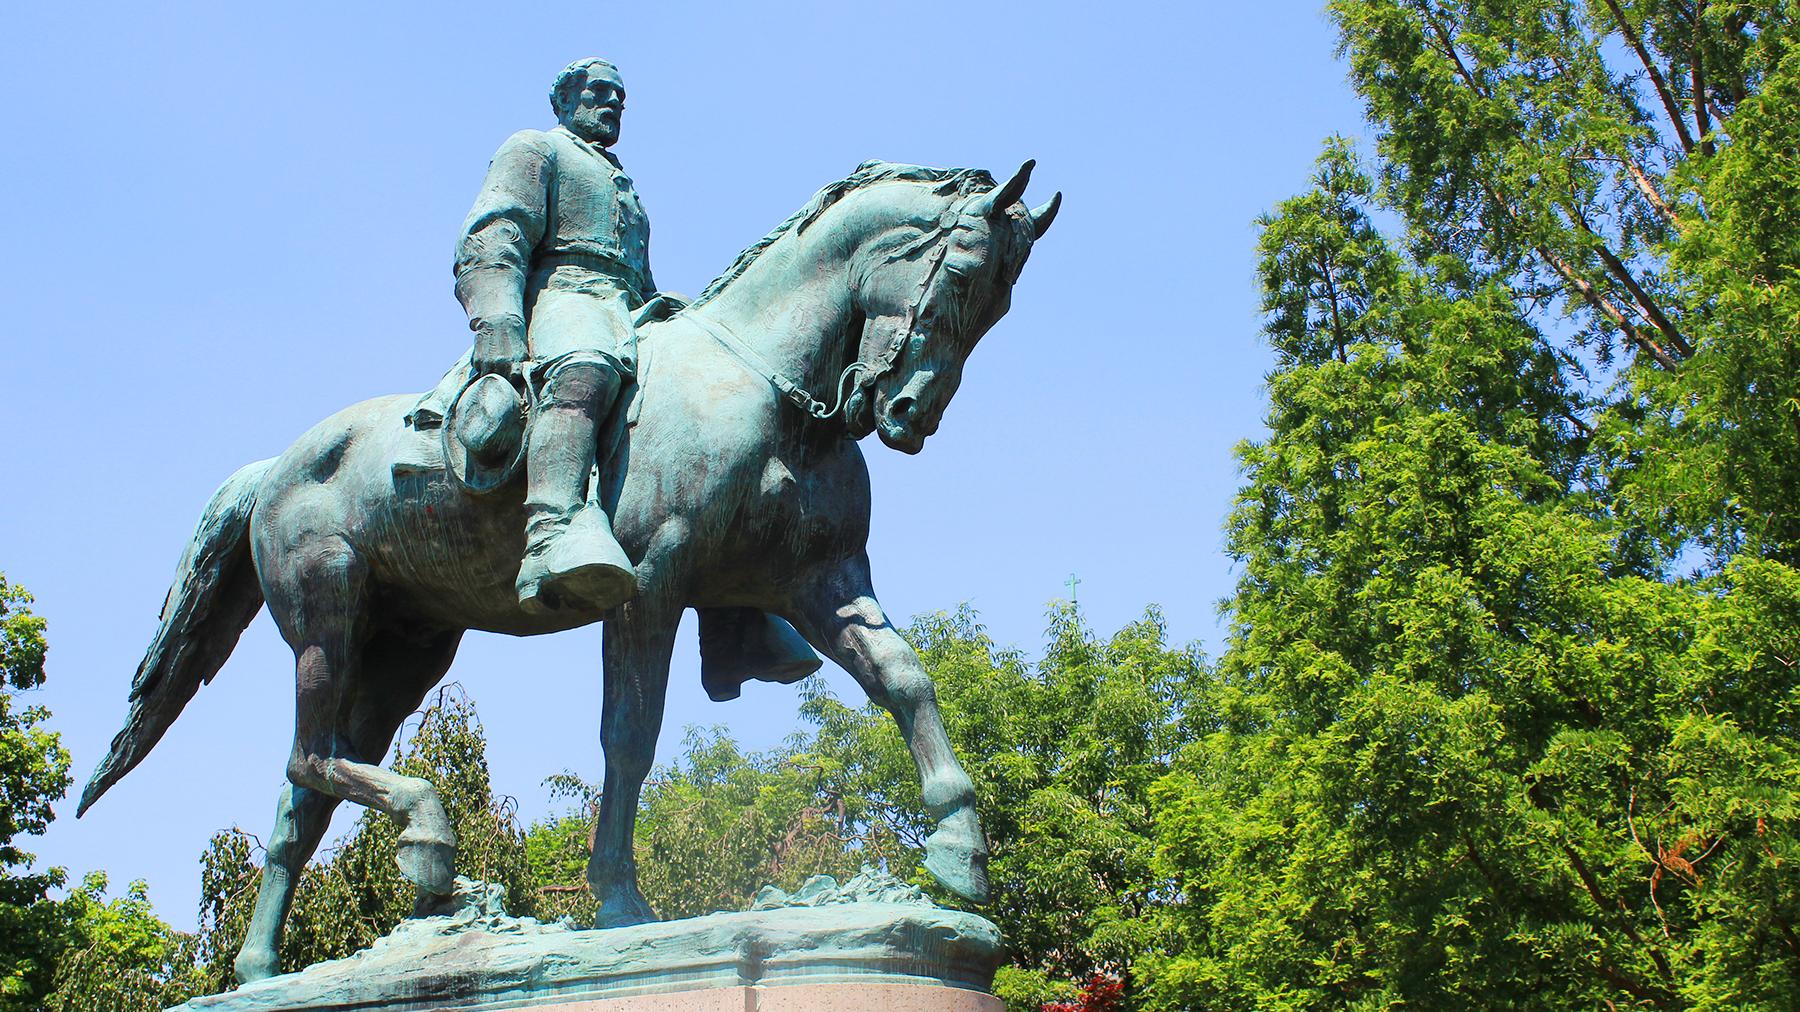 Brett Barrouquere/SPLC Staff Robert E. Lee statue